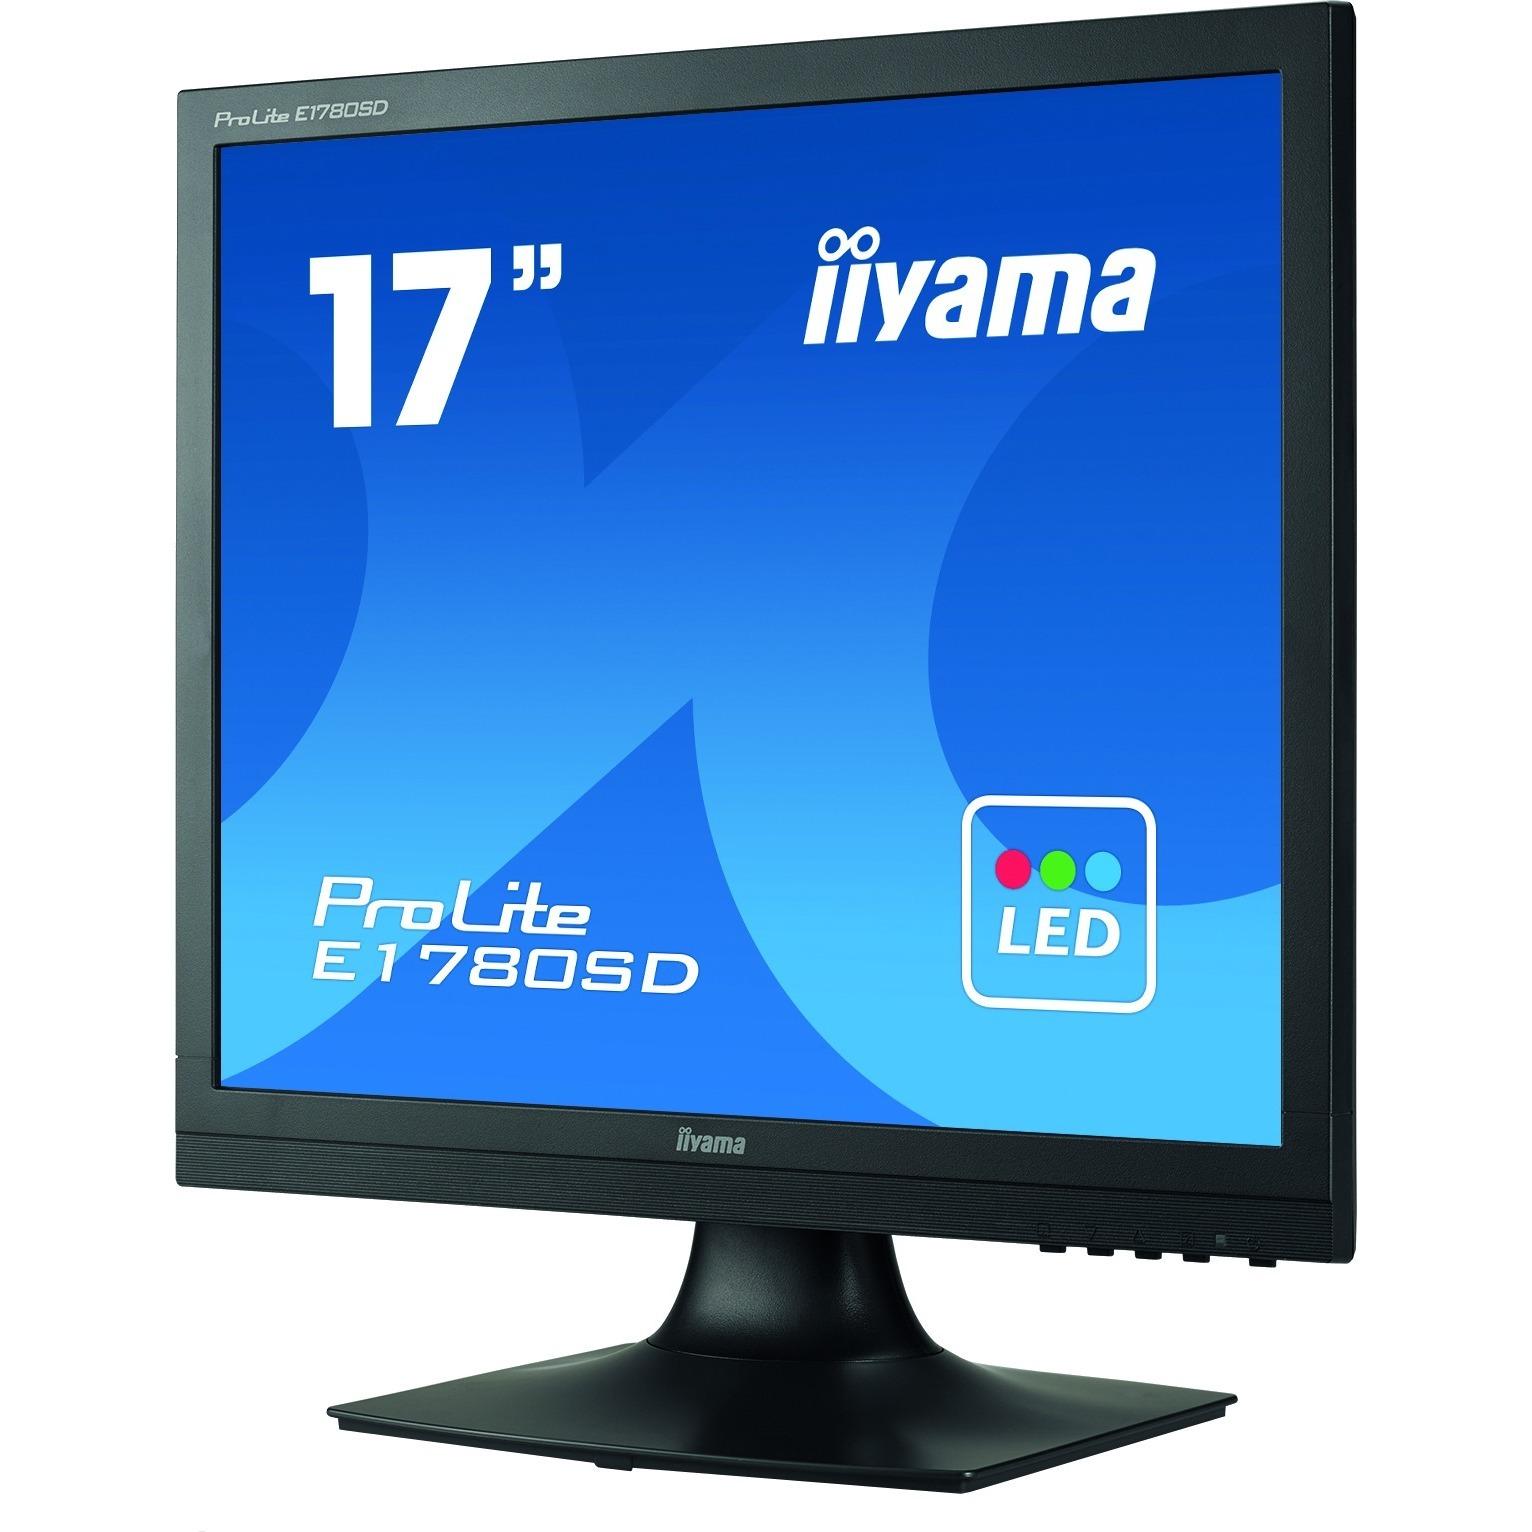 IIYAMA PROLITE E1780SD-B1